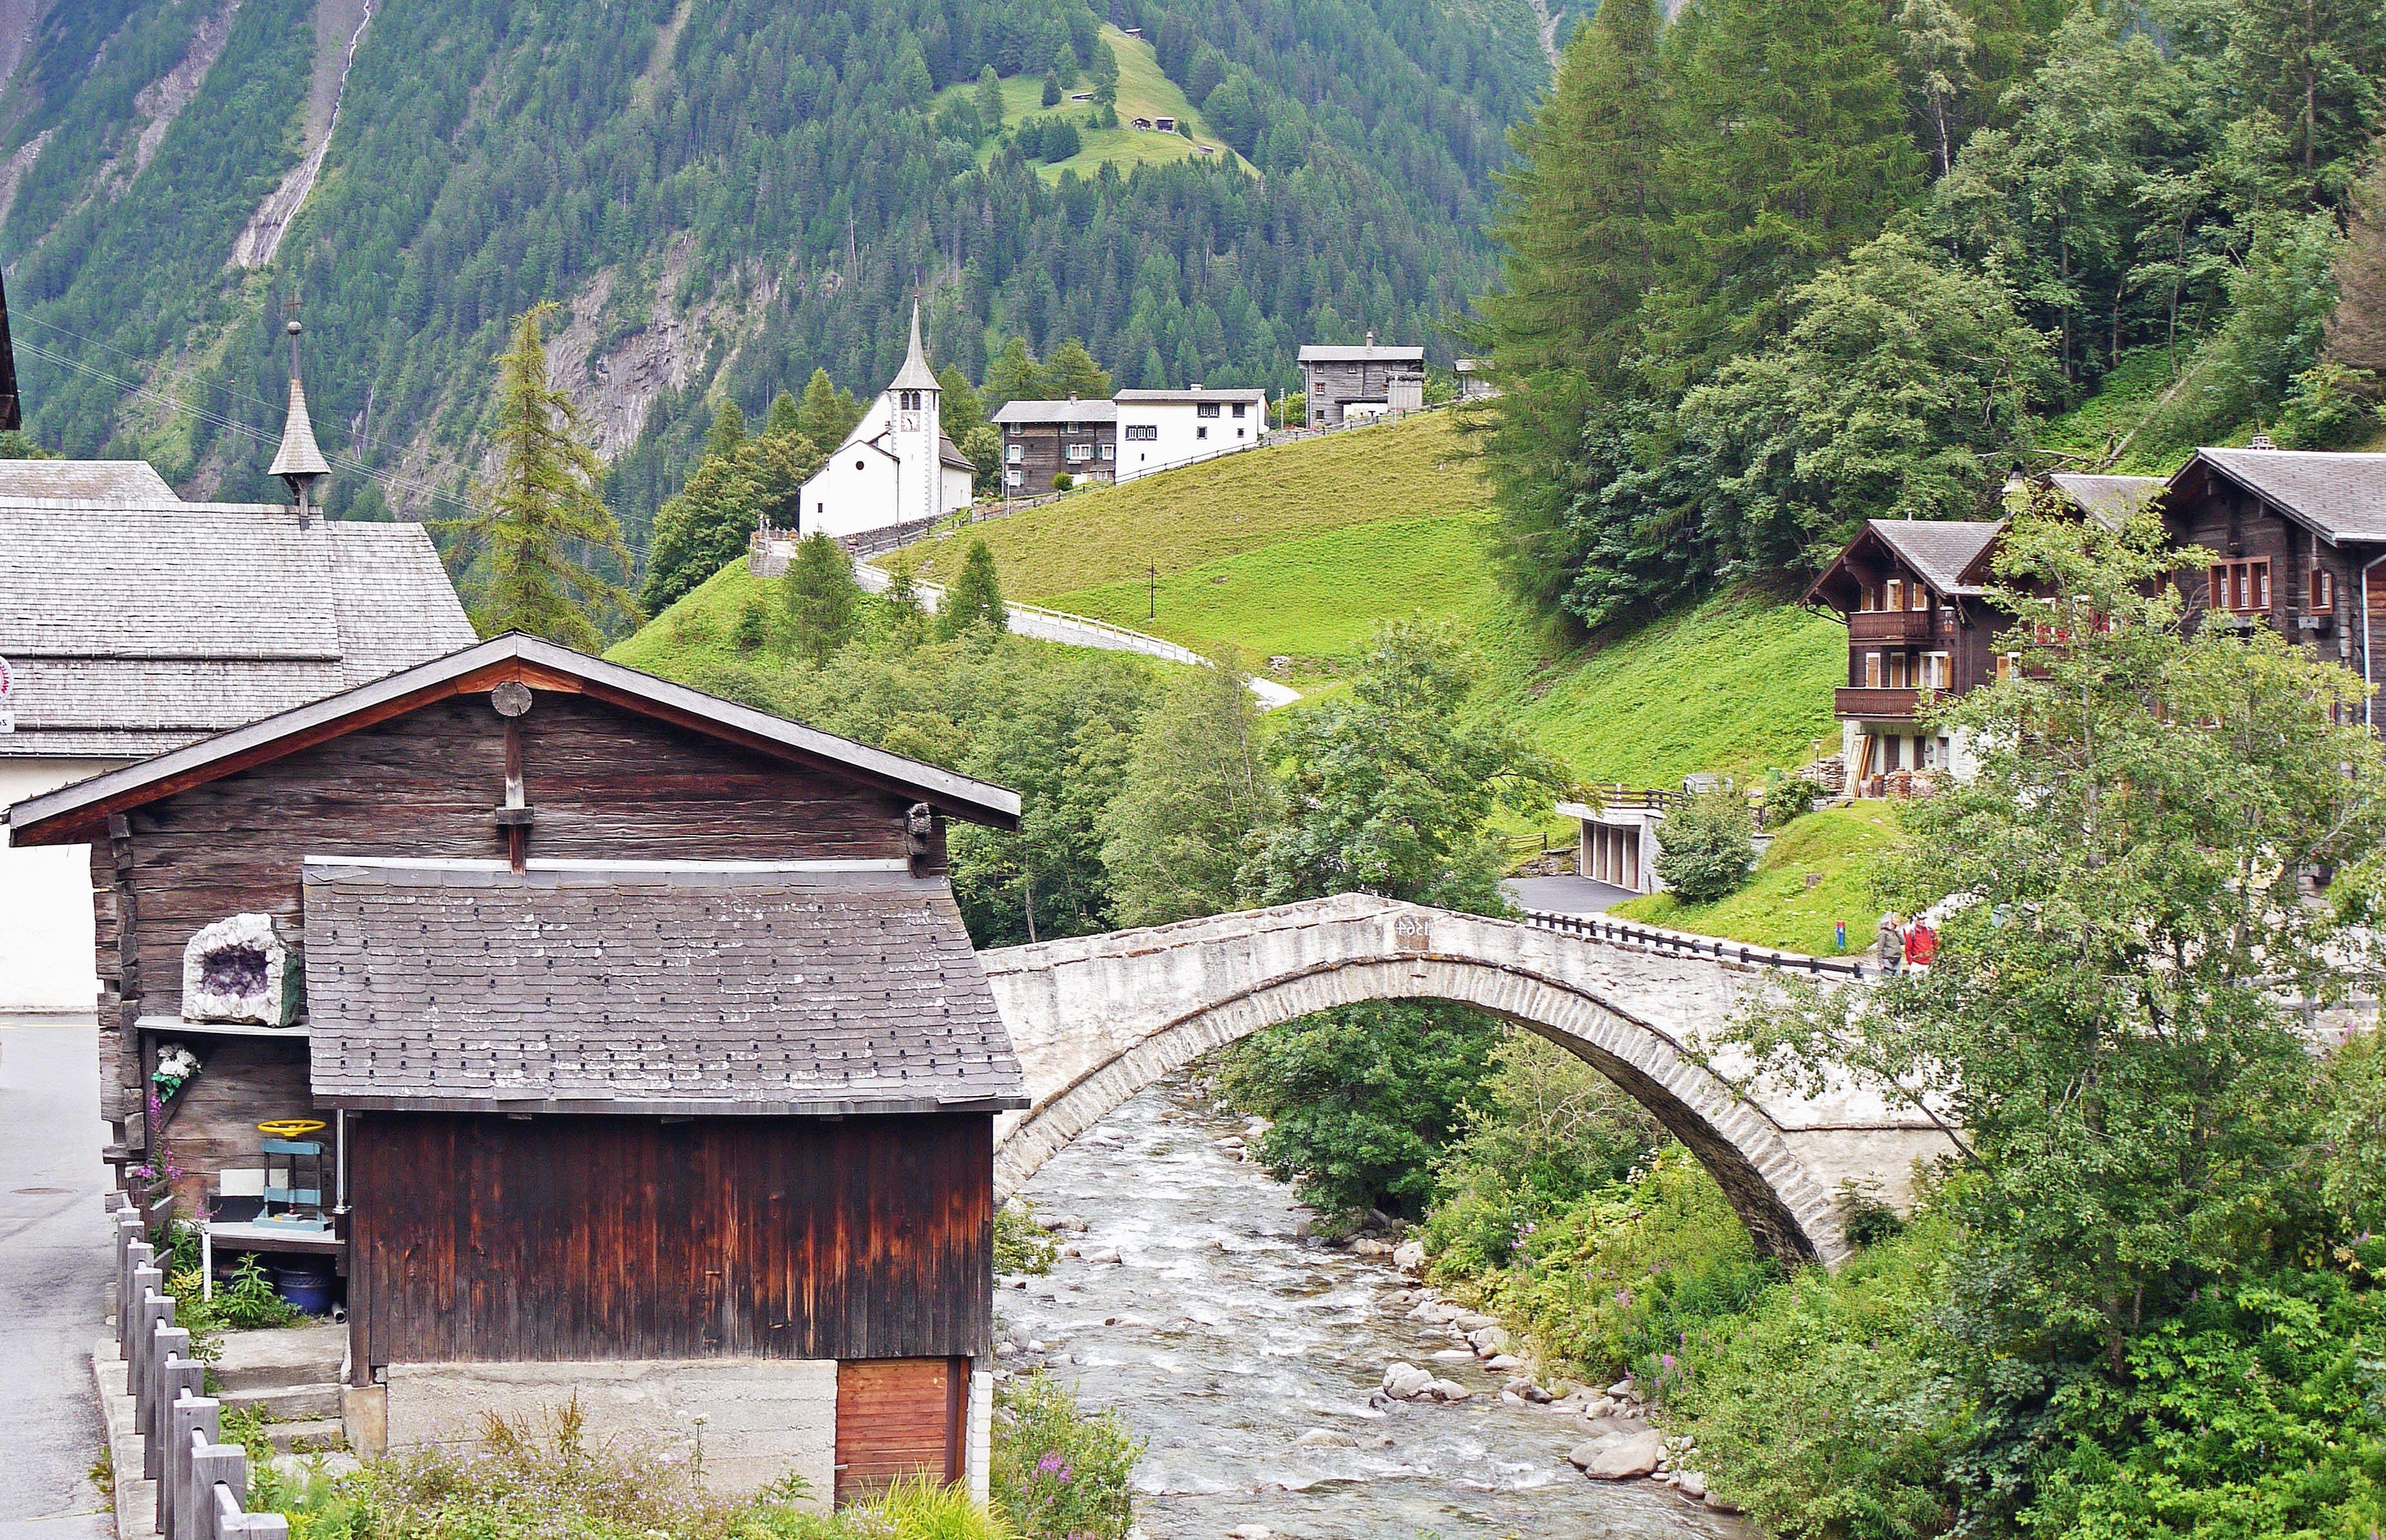 Image libre voyage pont architecture montagne rivi re tourisme eau maison arbre vacances - Vacances en montagne locati architectes ...